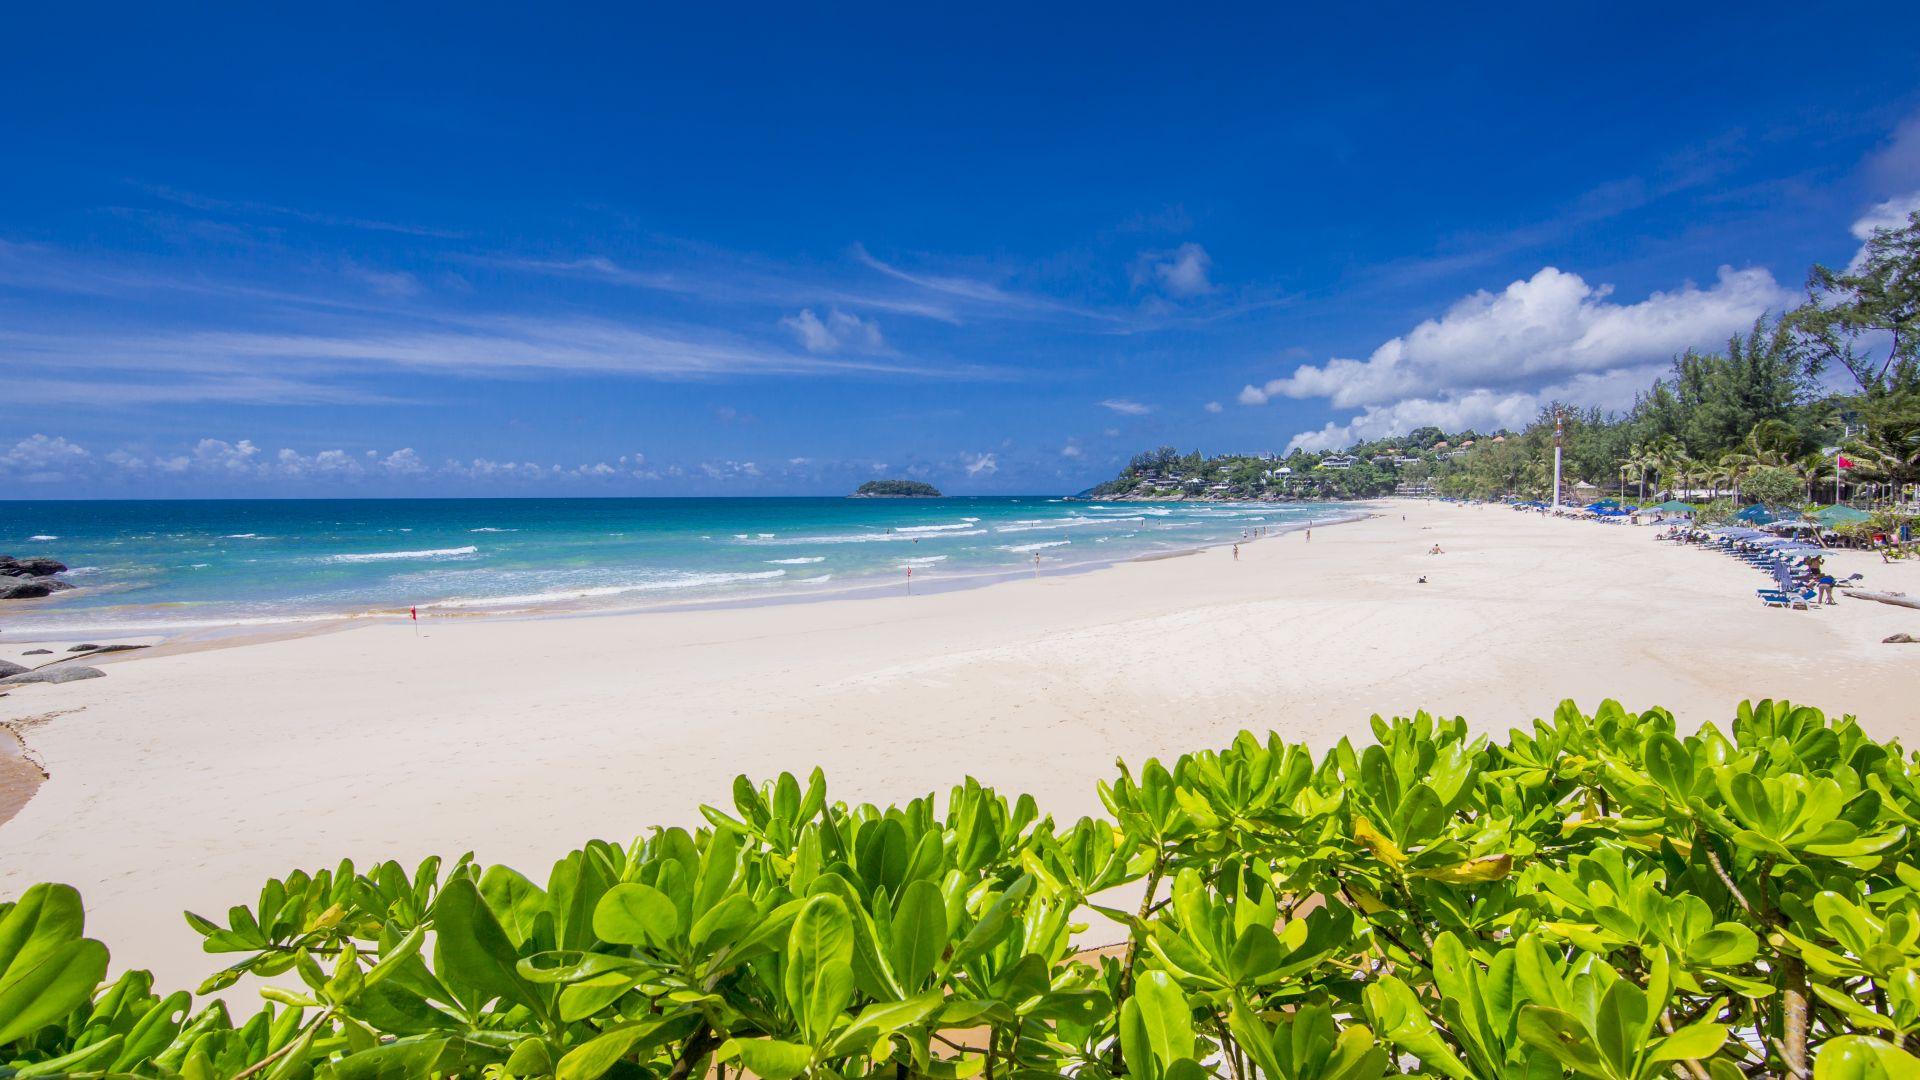 Wallpaper Kata Noi Beach  Karon  Thailand  Best Beaches Of